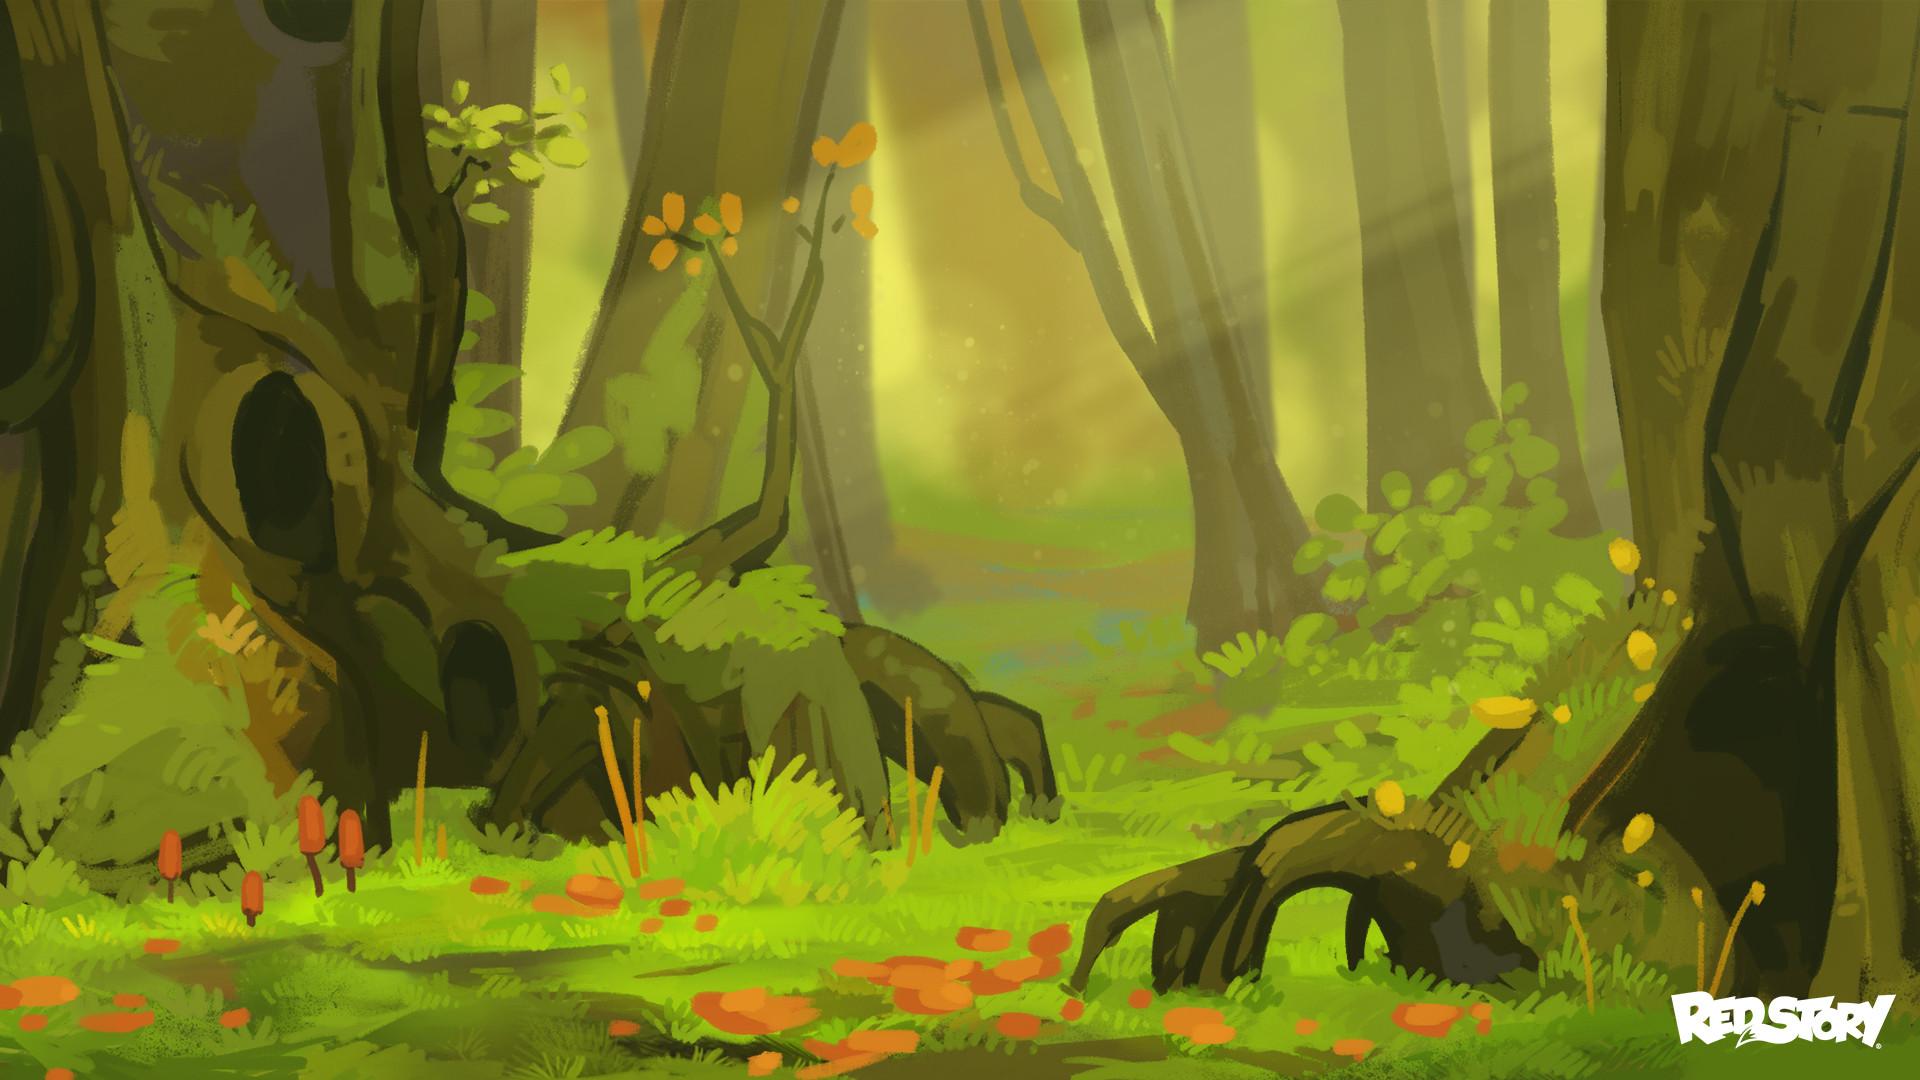 Dylan eurlings rs woods3